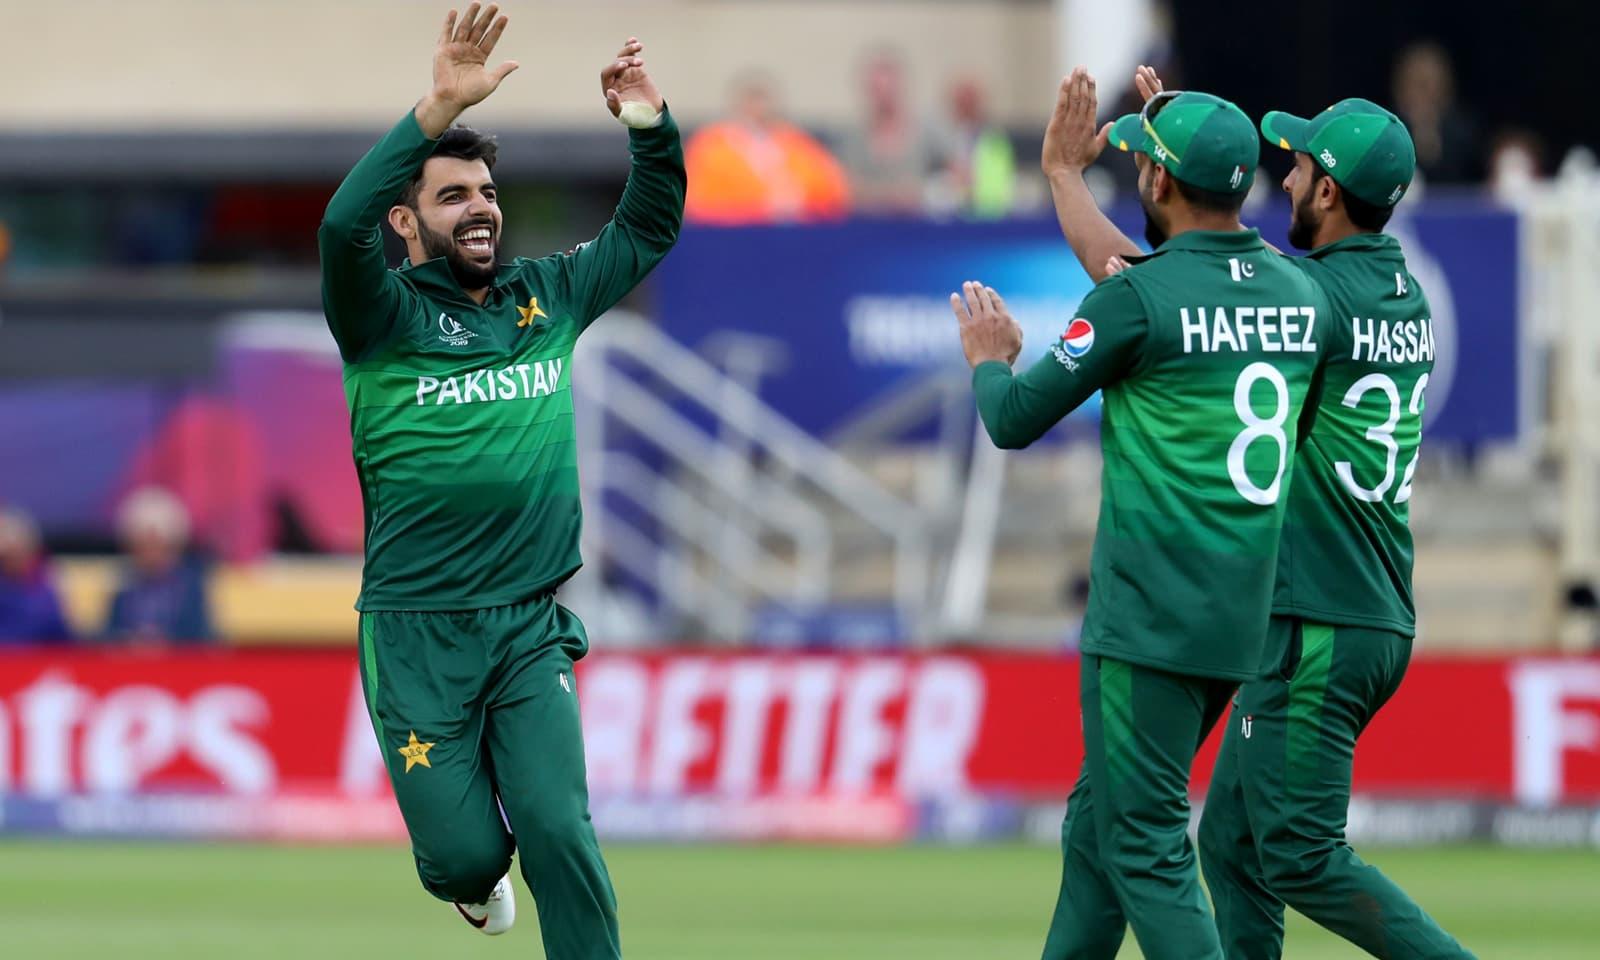 شاداب خان اور دیگر کھلاڑی وکٹ حاصل کرنے پر پرجوش نظر آرہے ہیں — فوٹو: اے پی